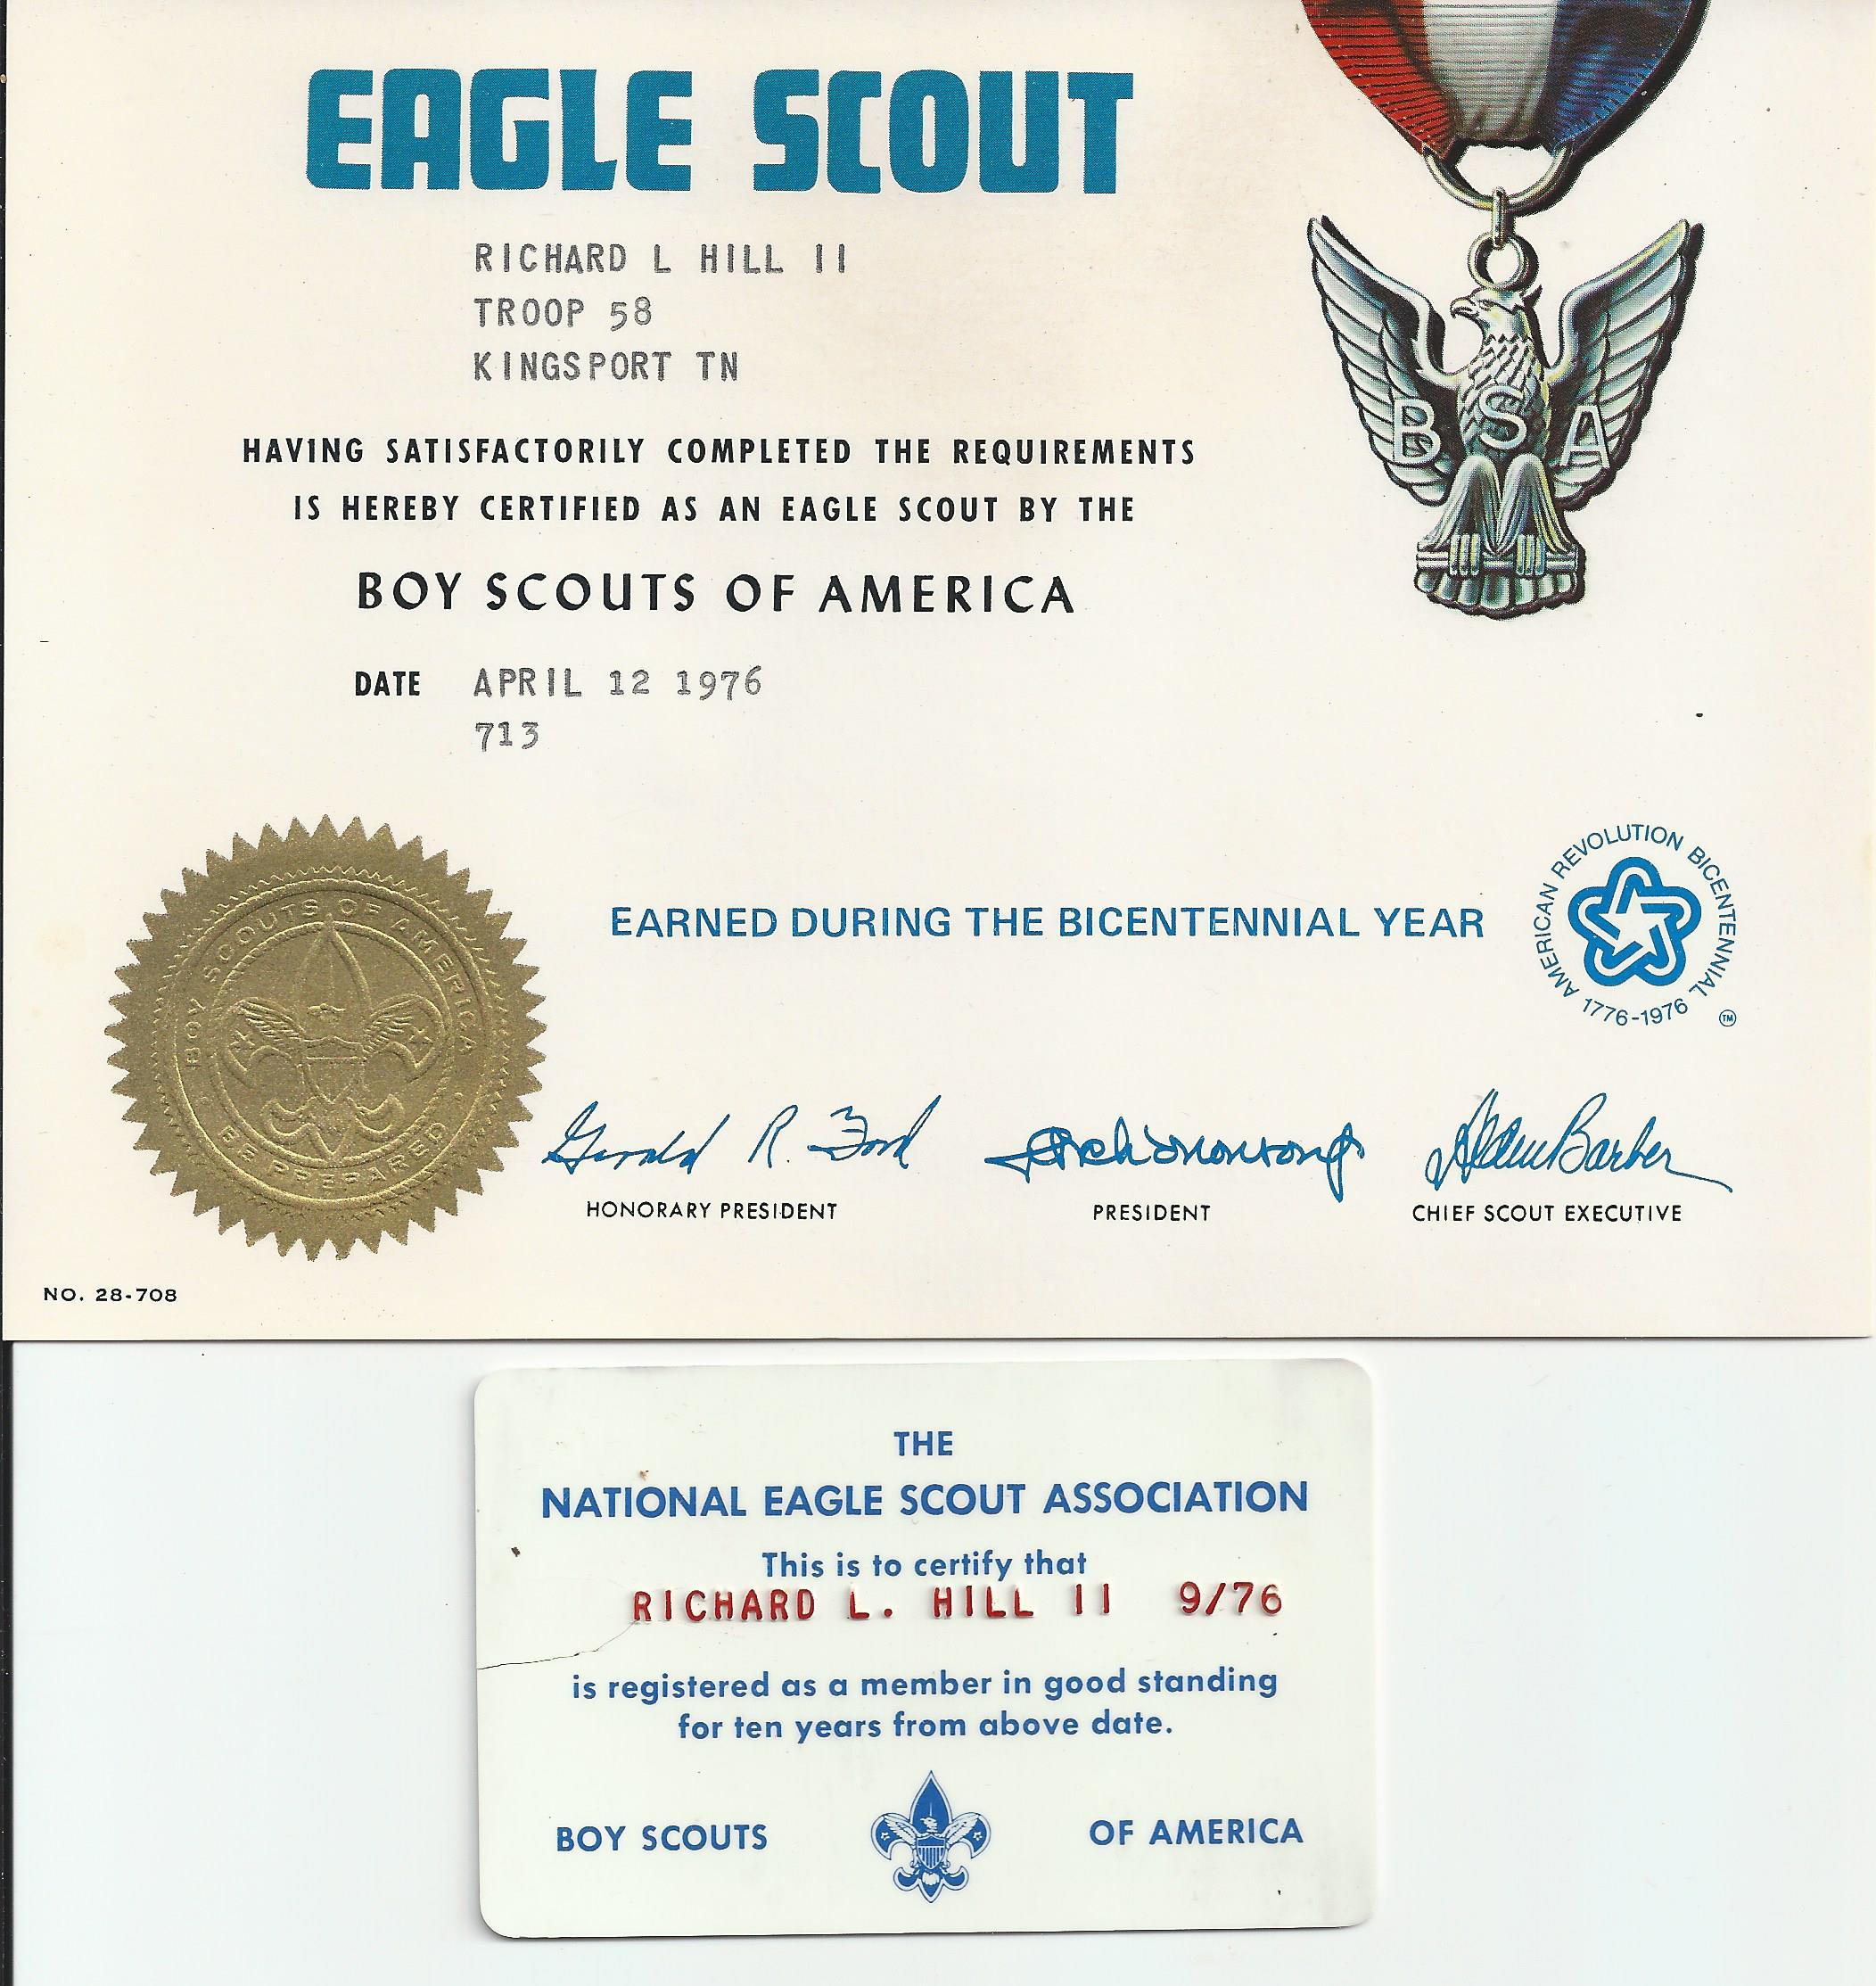 navy rotc scholarship